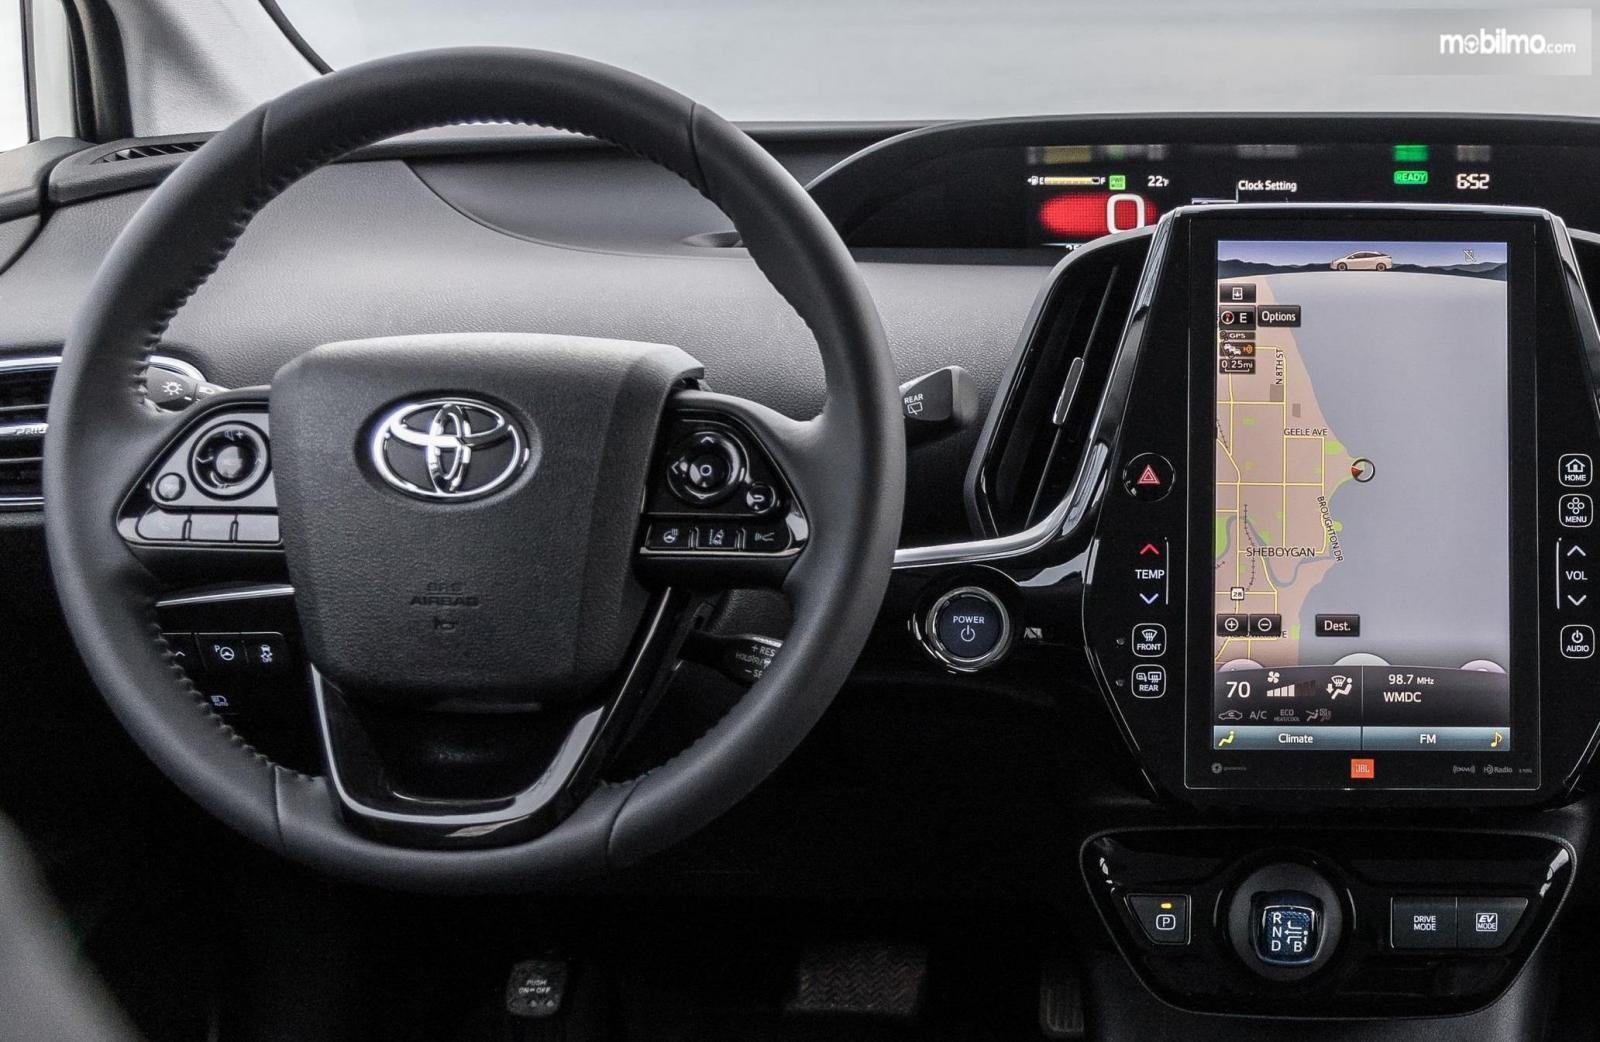 kemudi Toyota Prius 2019 berwarna hitam dengan layar infotainment